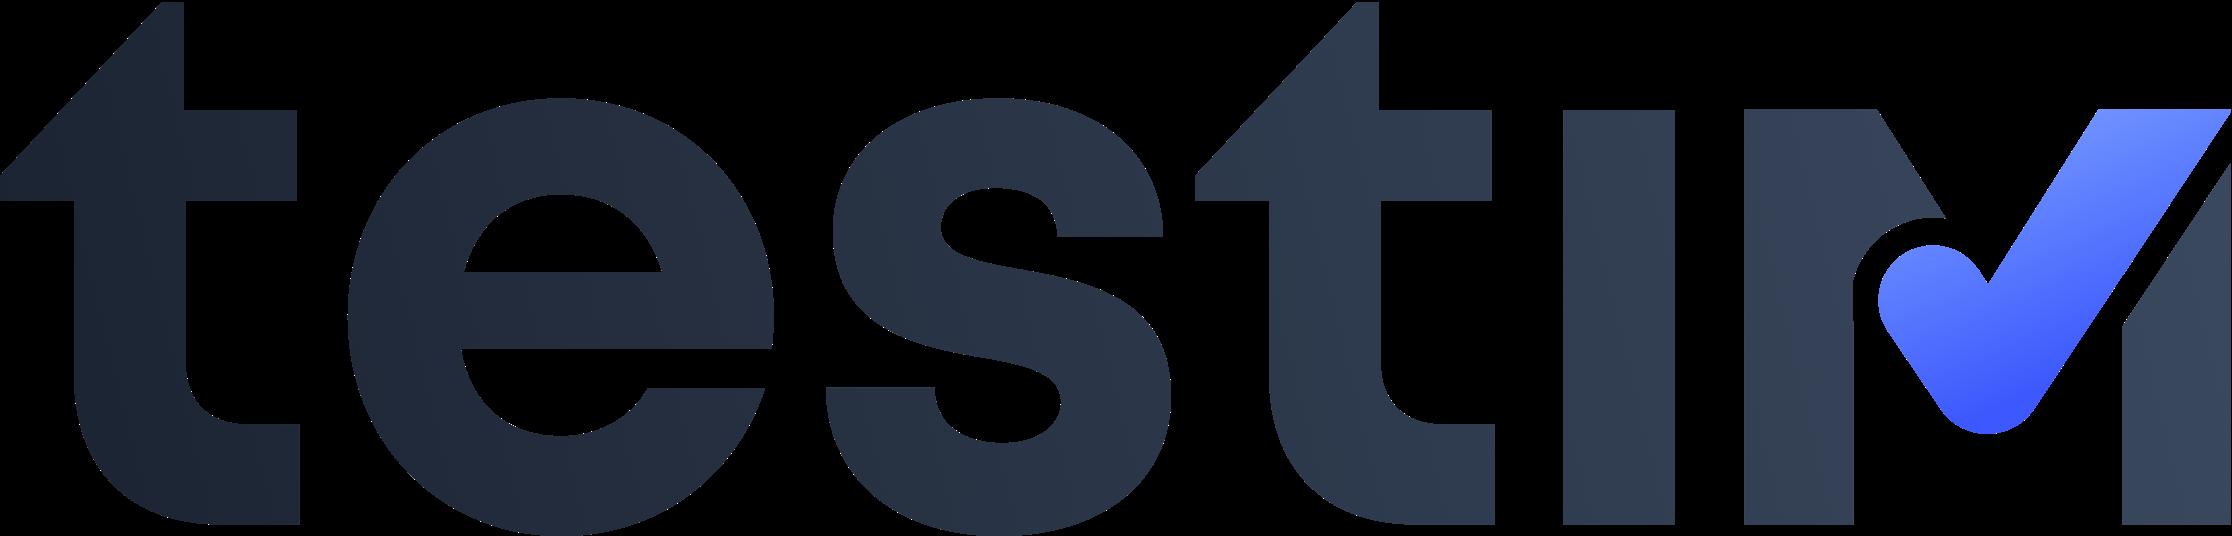 Testim logo